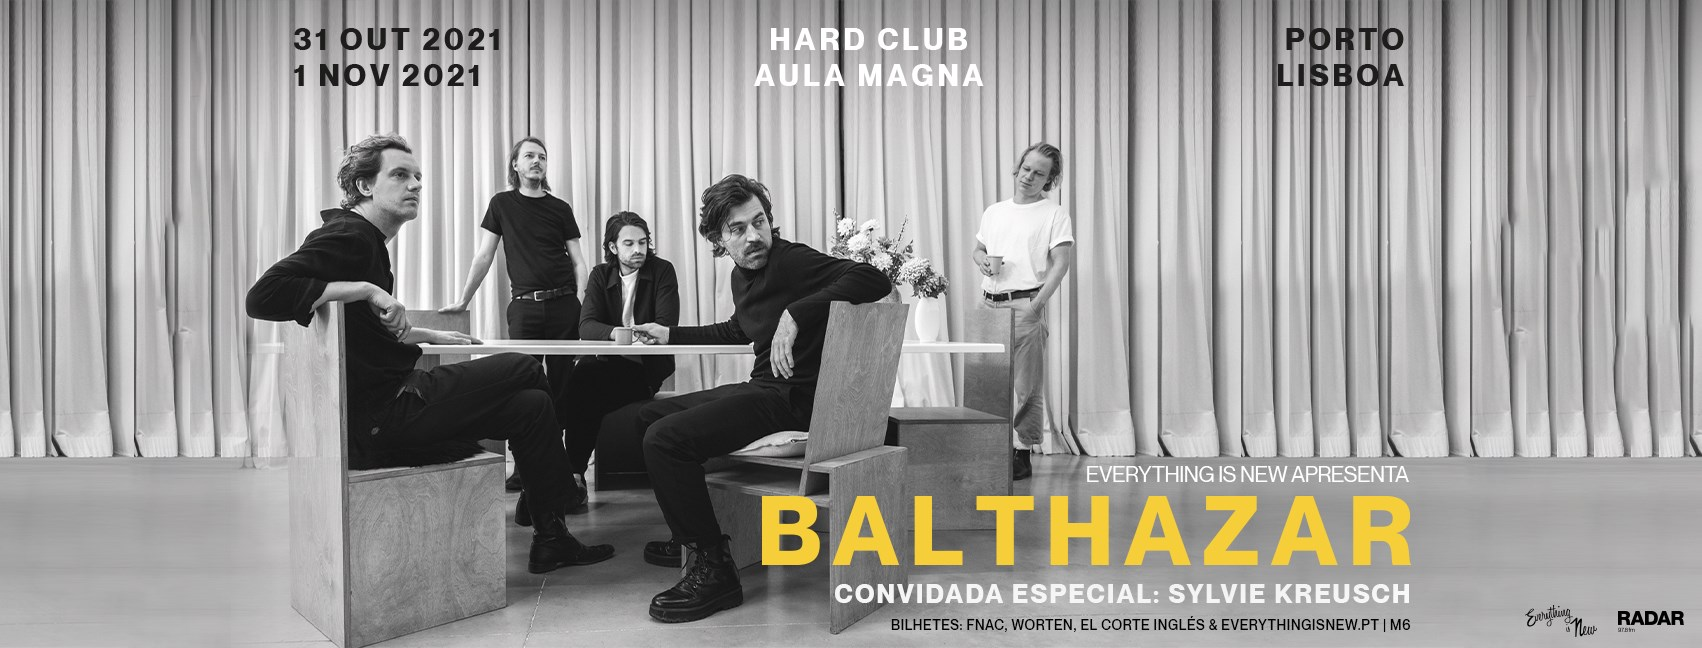 Balthazar // Hard Club